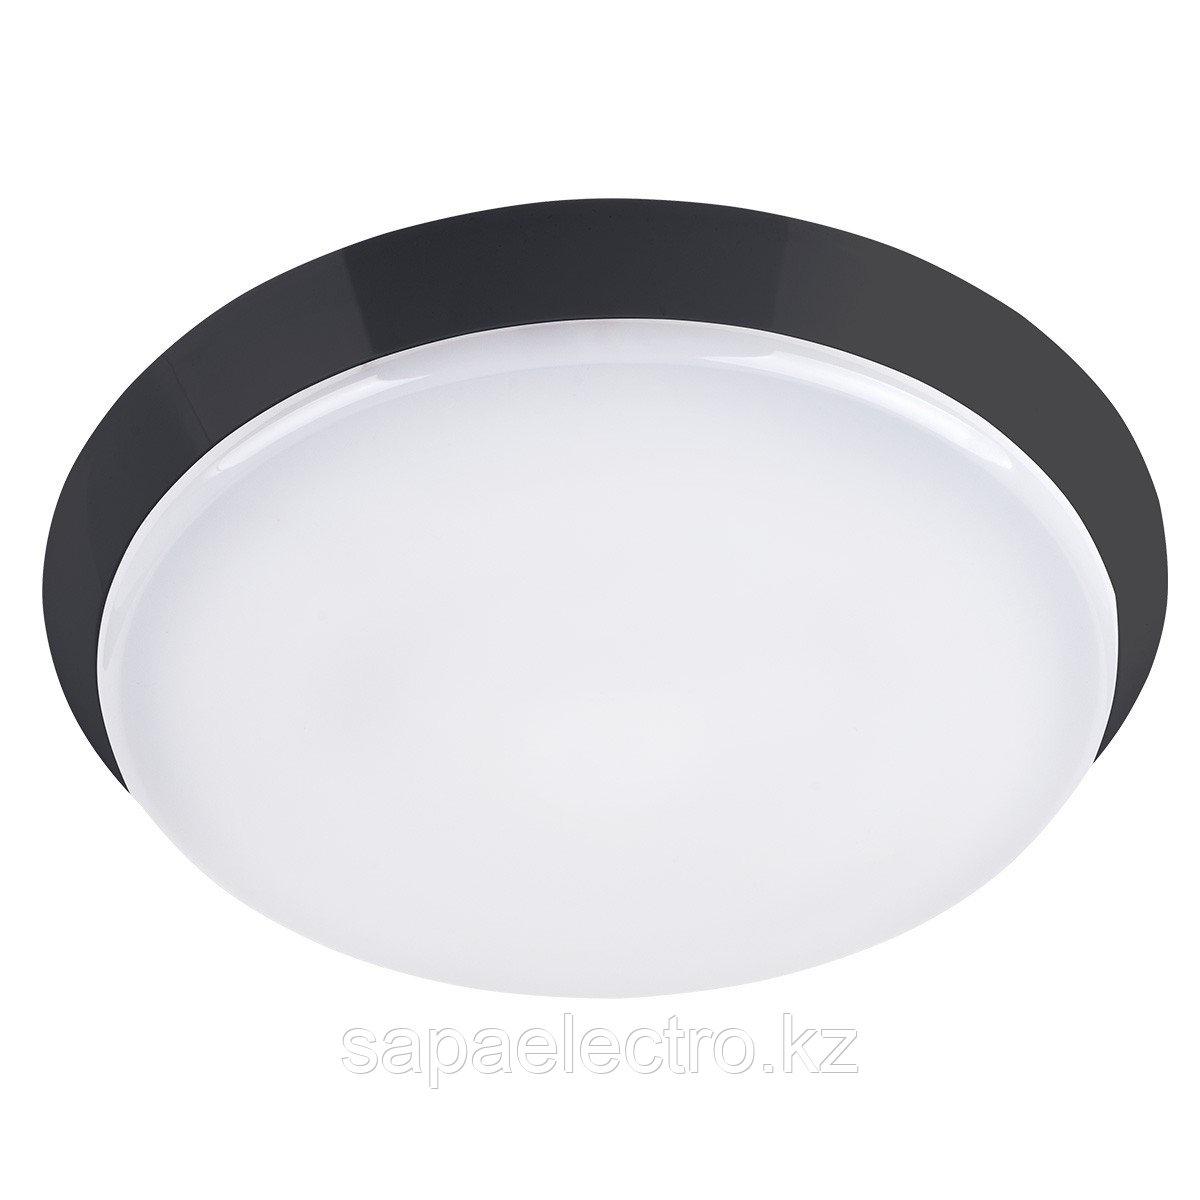 Св-к UFO STANDART Черный LED 18W 6000K  MGL(3/54шт3